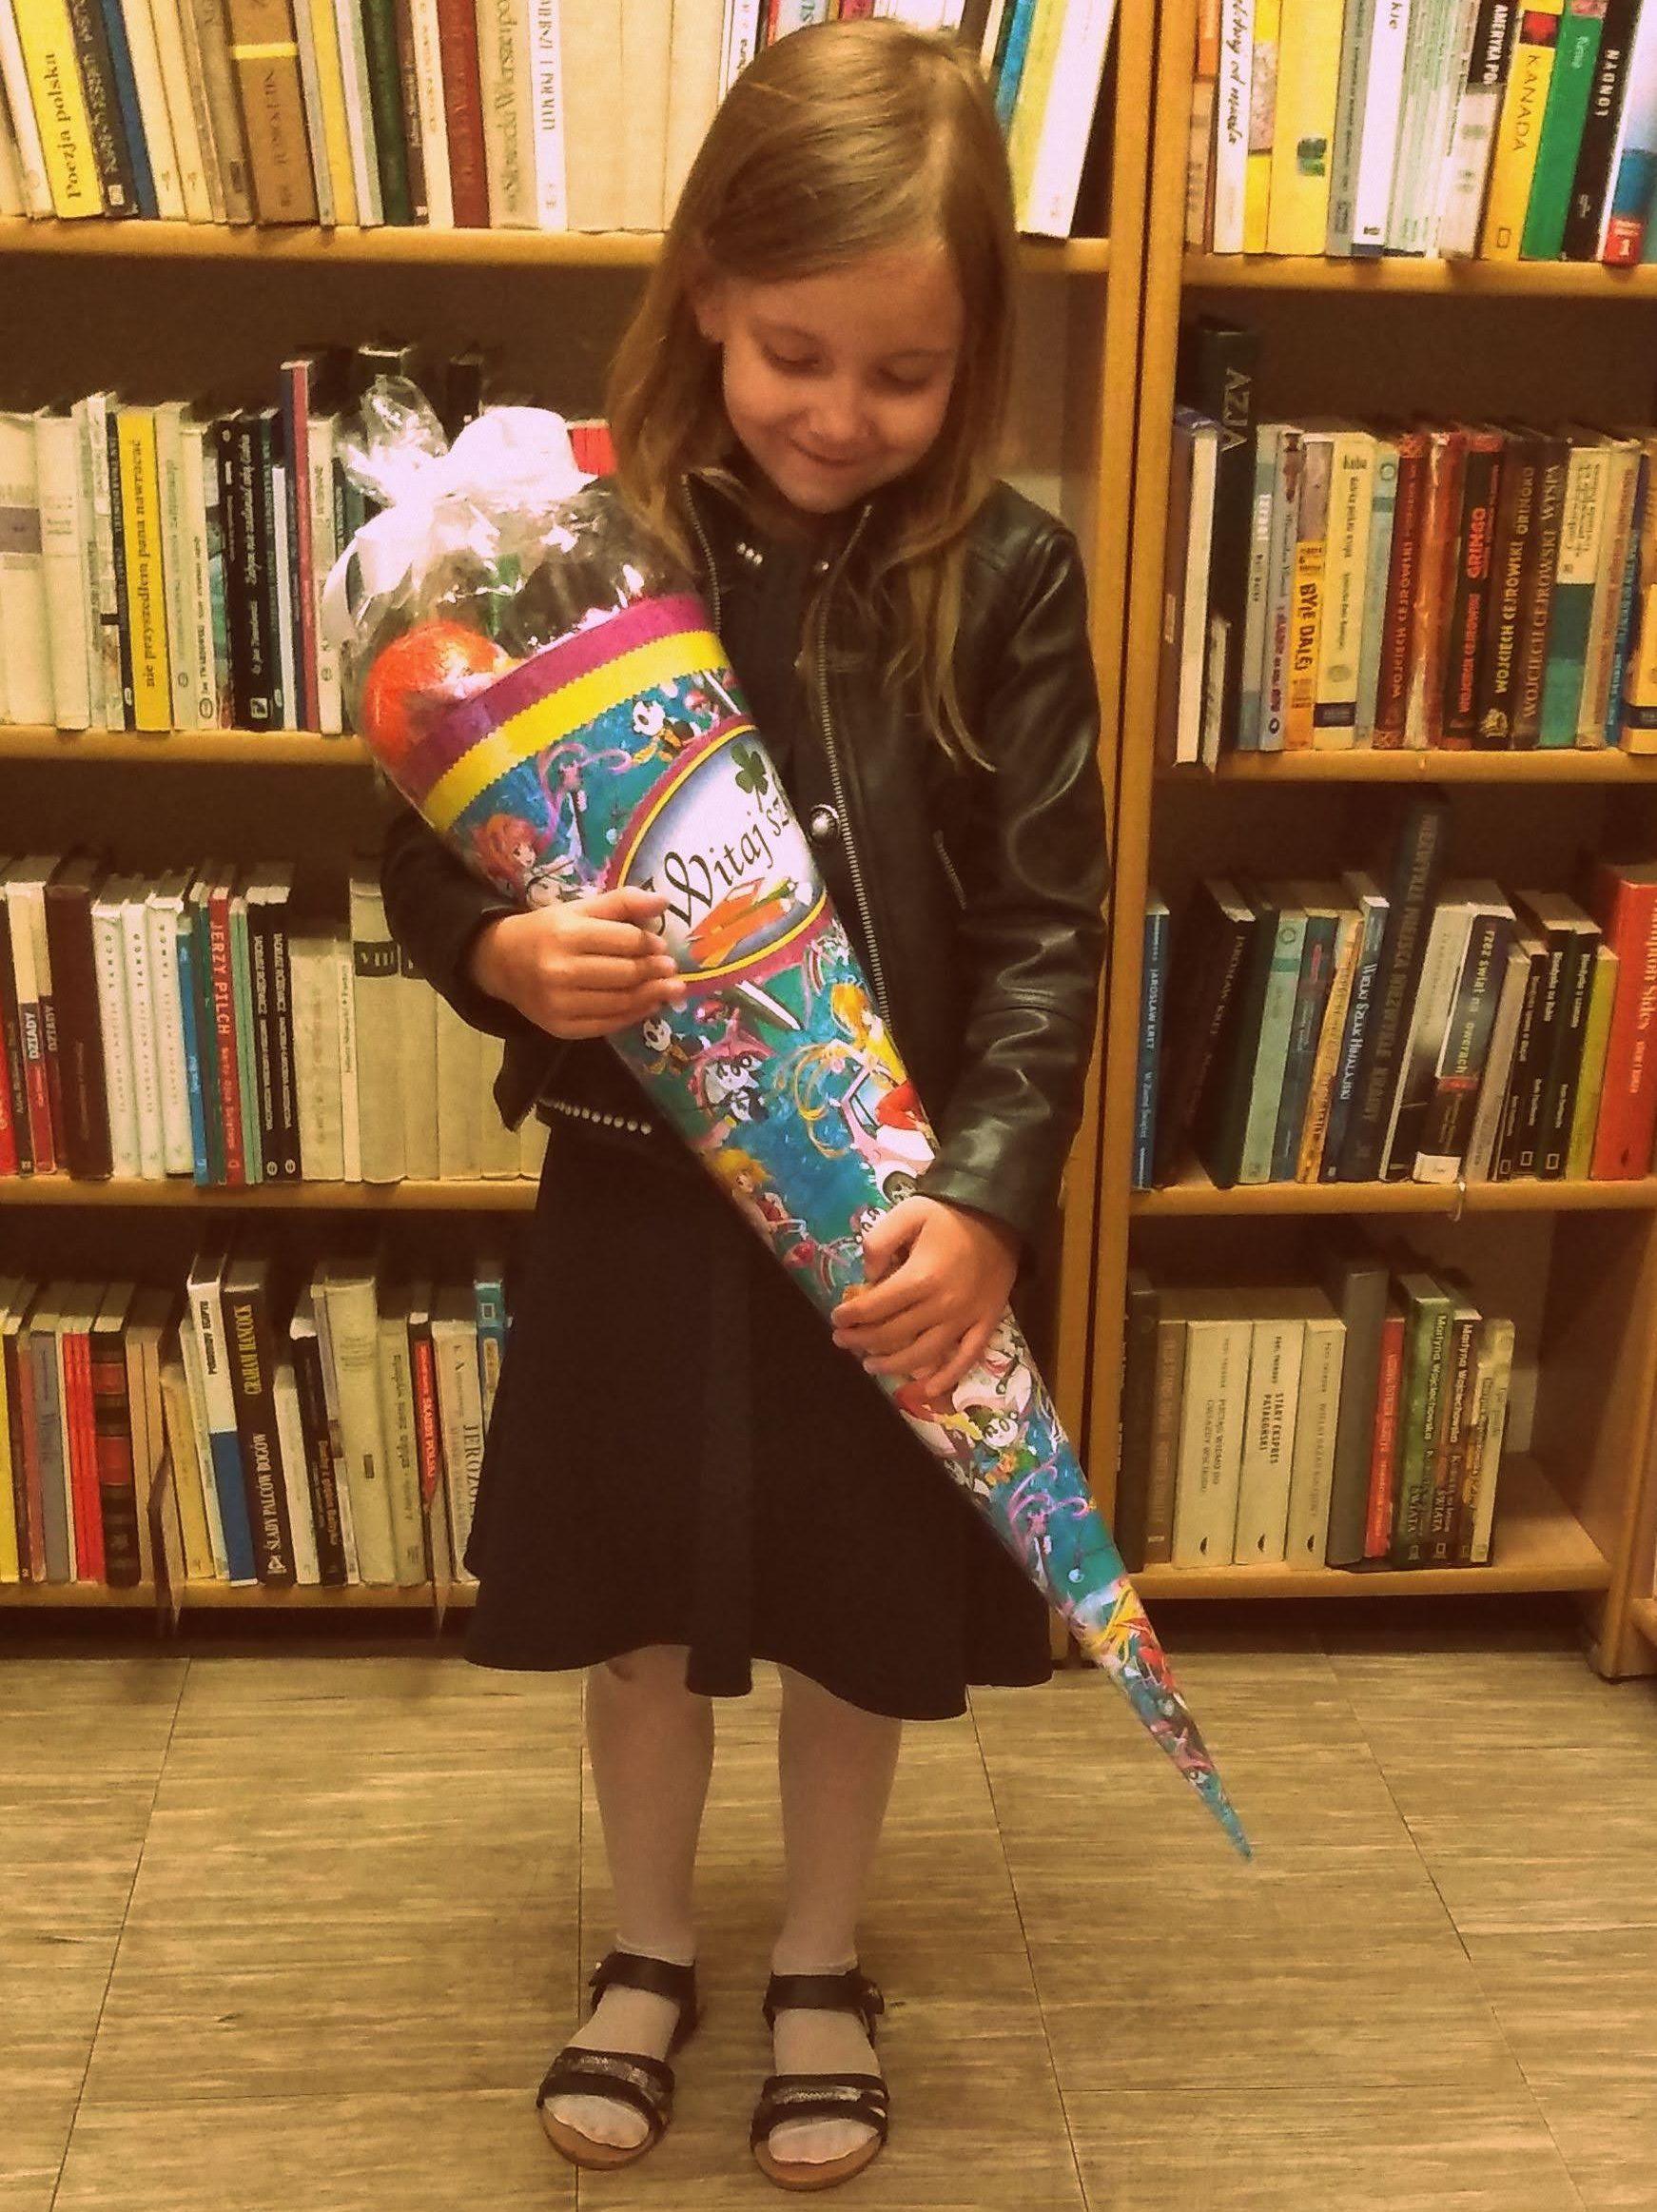 dziewczyna w czarnej sukience trzymająca kolorową tytę na tle półek z książkami